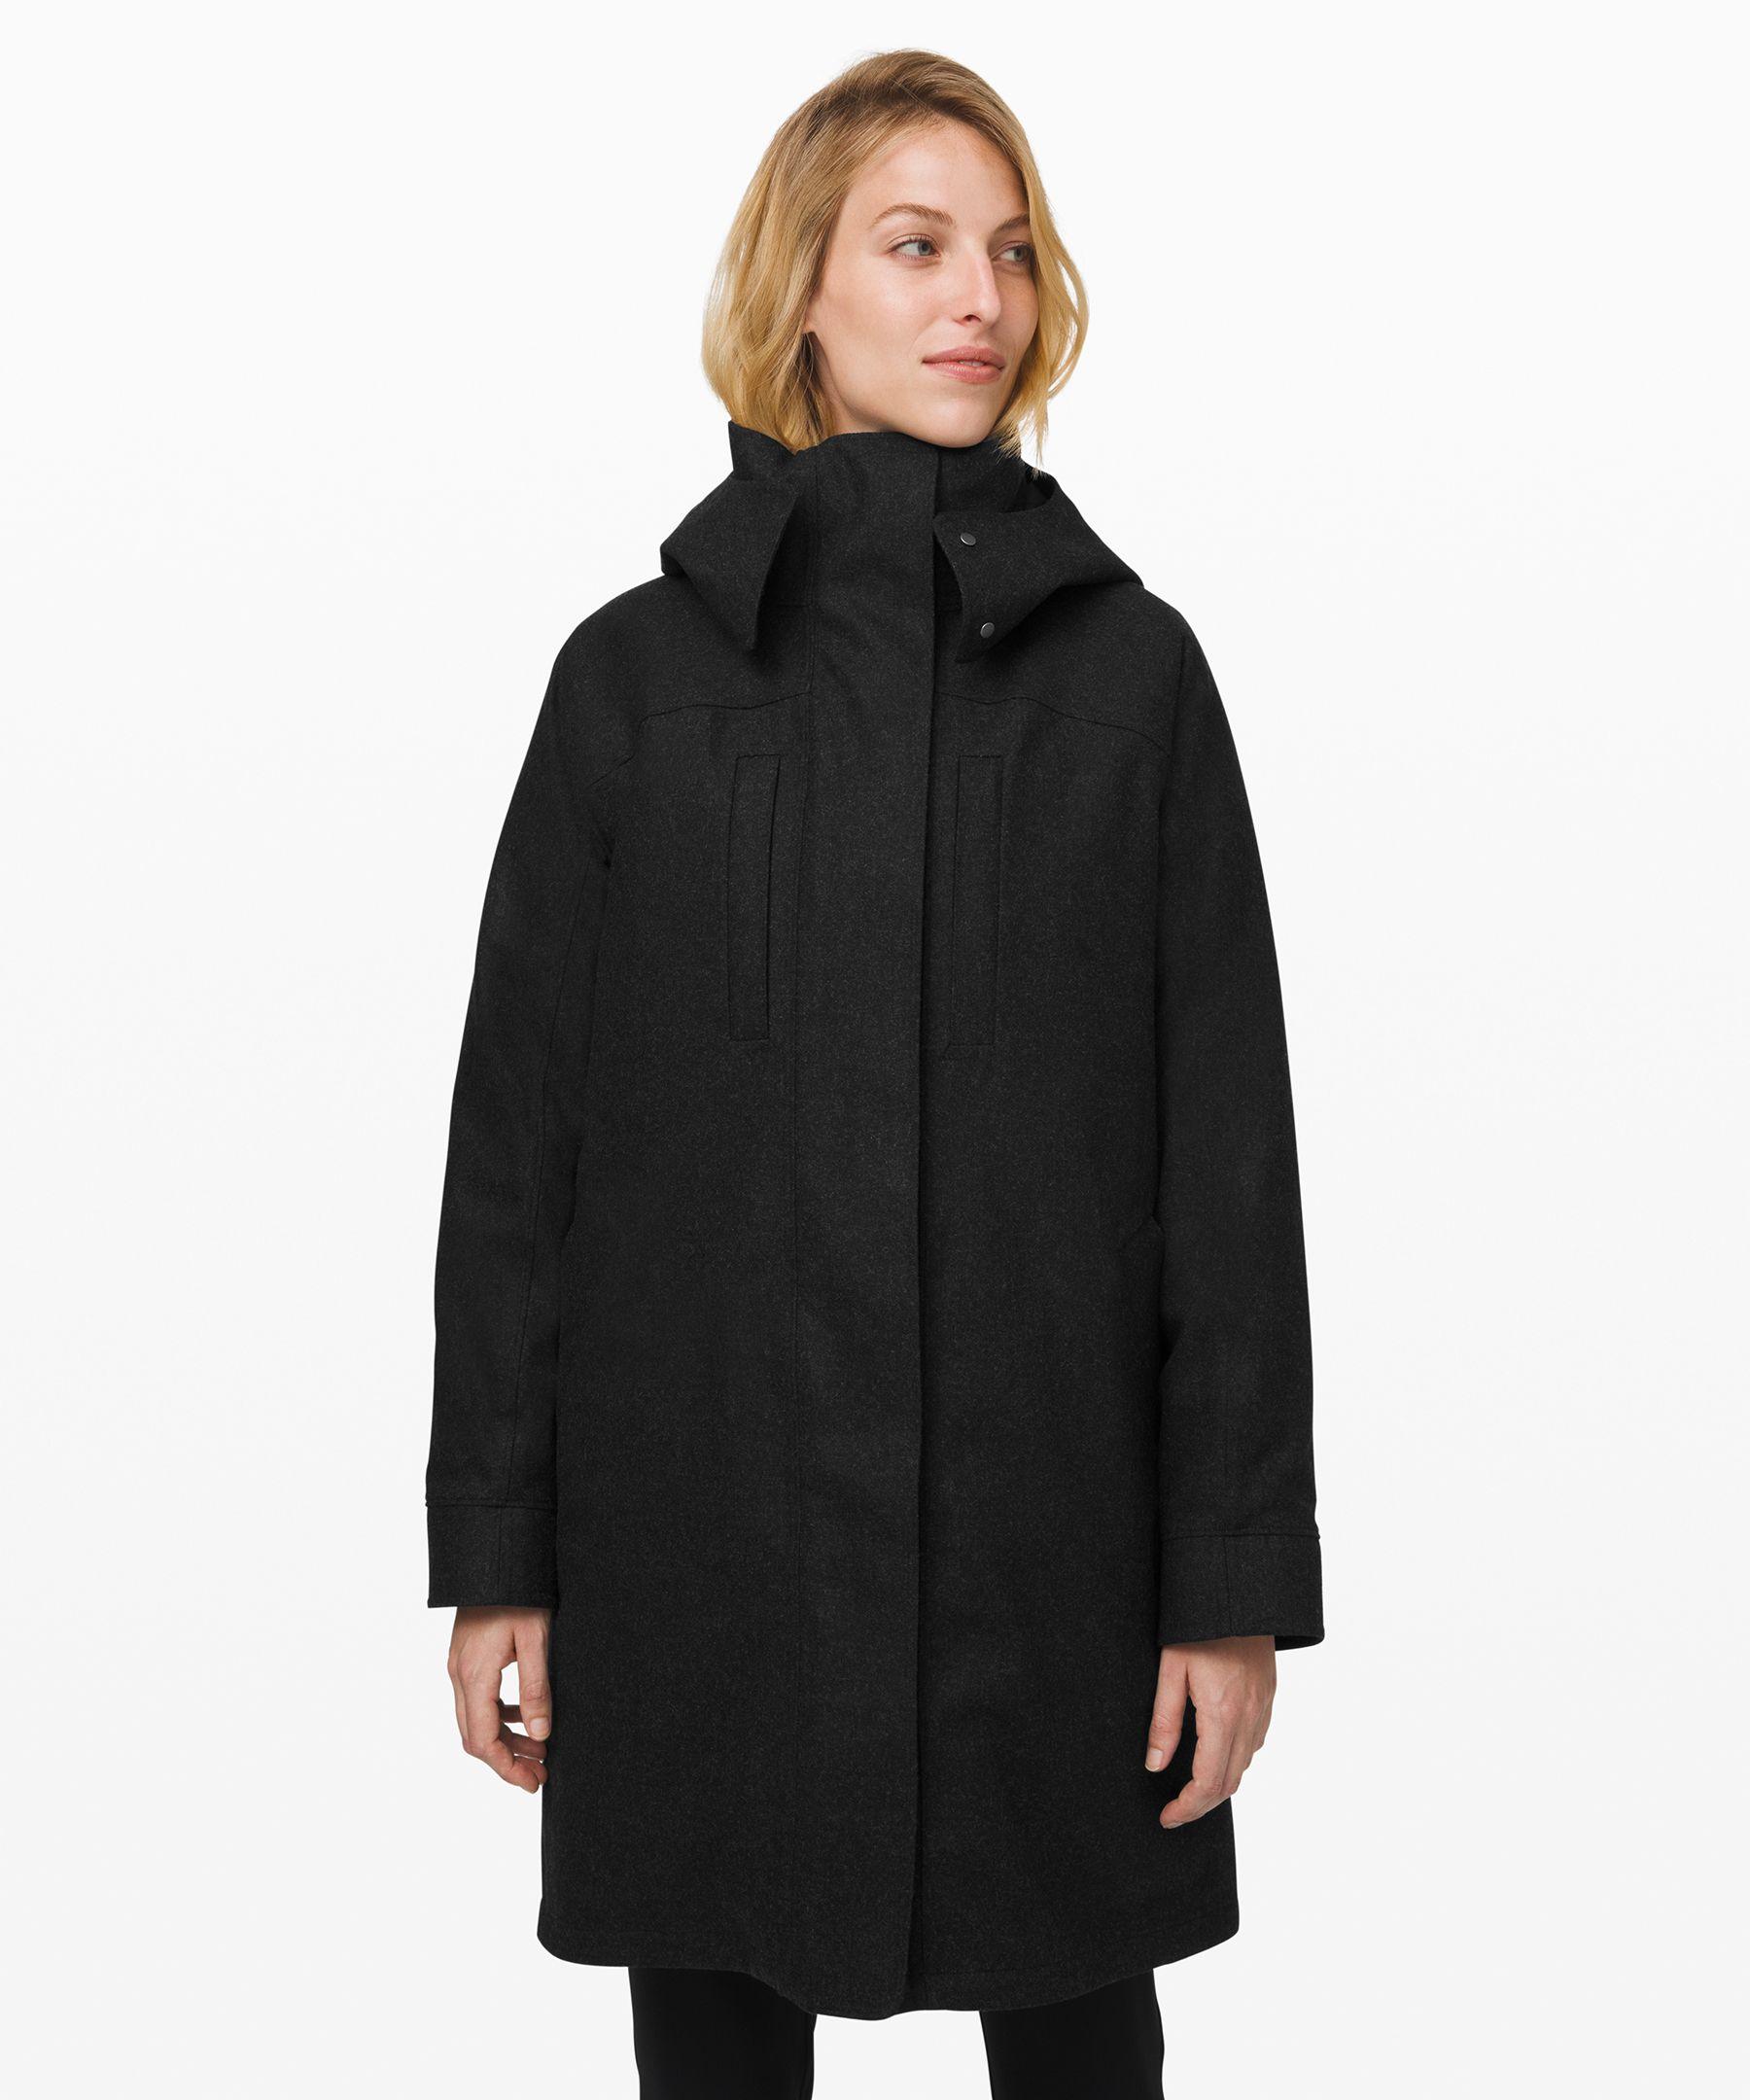 Roam Far Wool 3-in-1 Jacket *Waterproof Wool